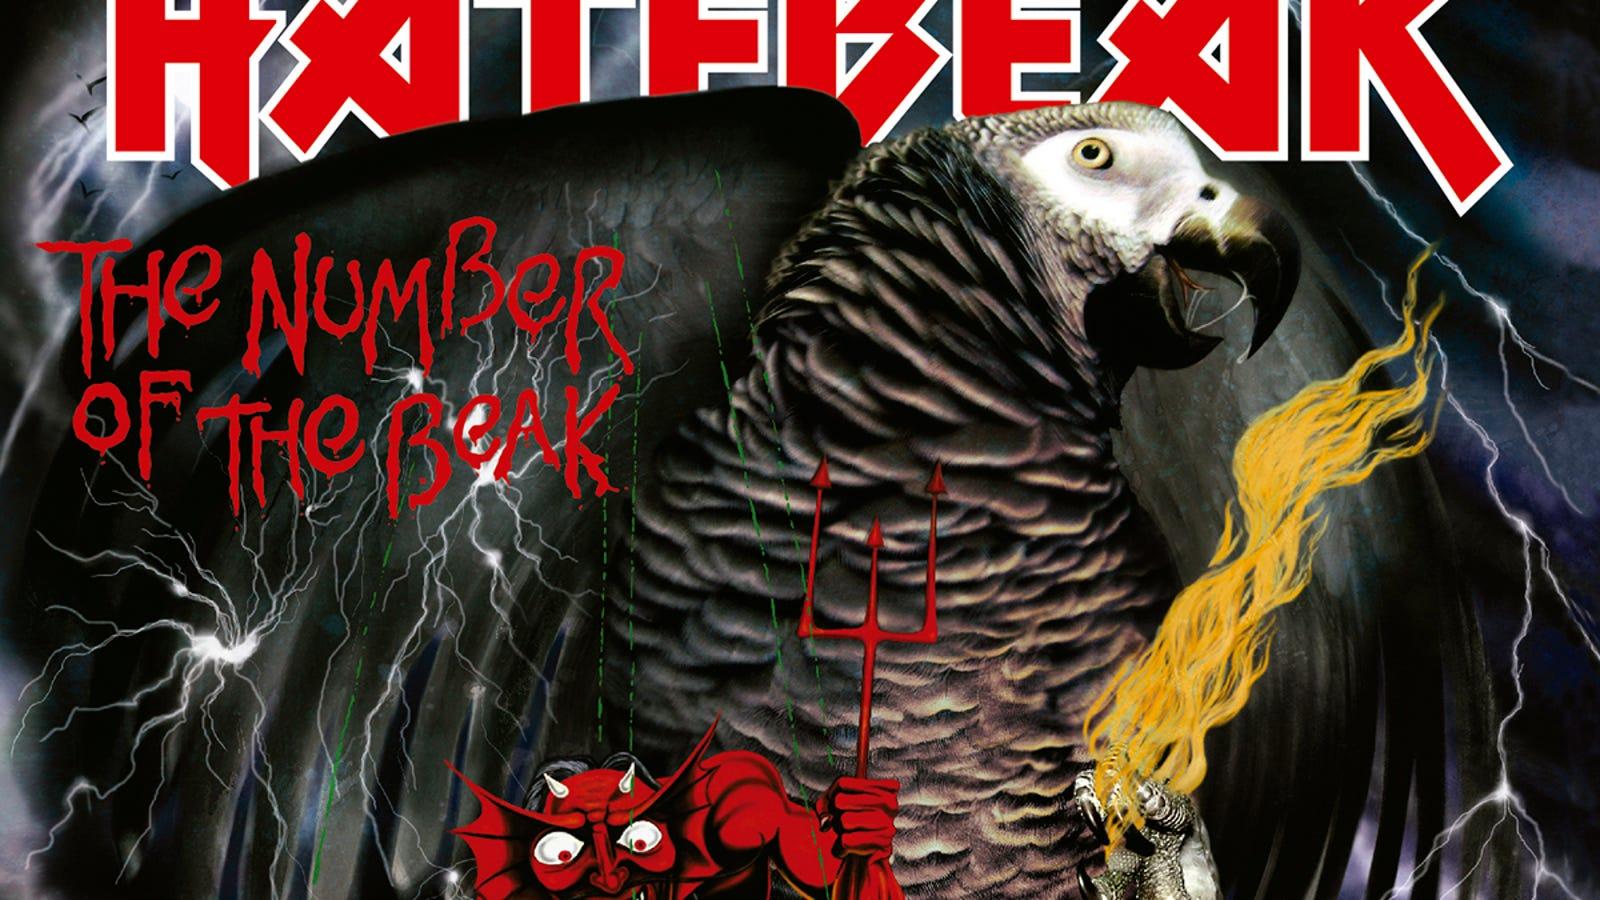 El vocalista de esta banda de death metal es un loro gris (y ya ha grabado cuatro discos)